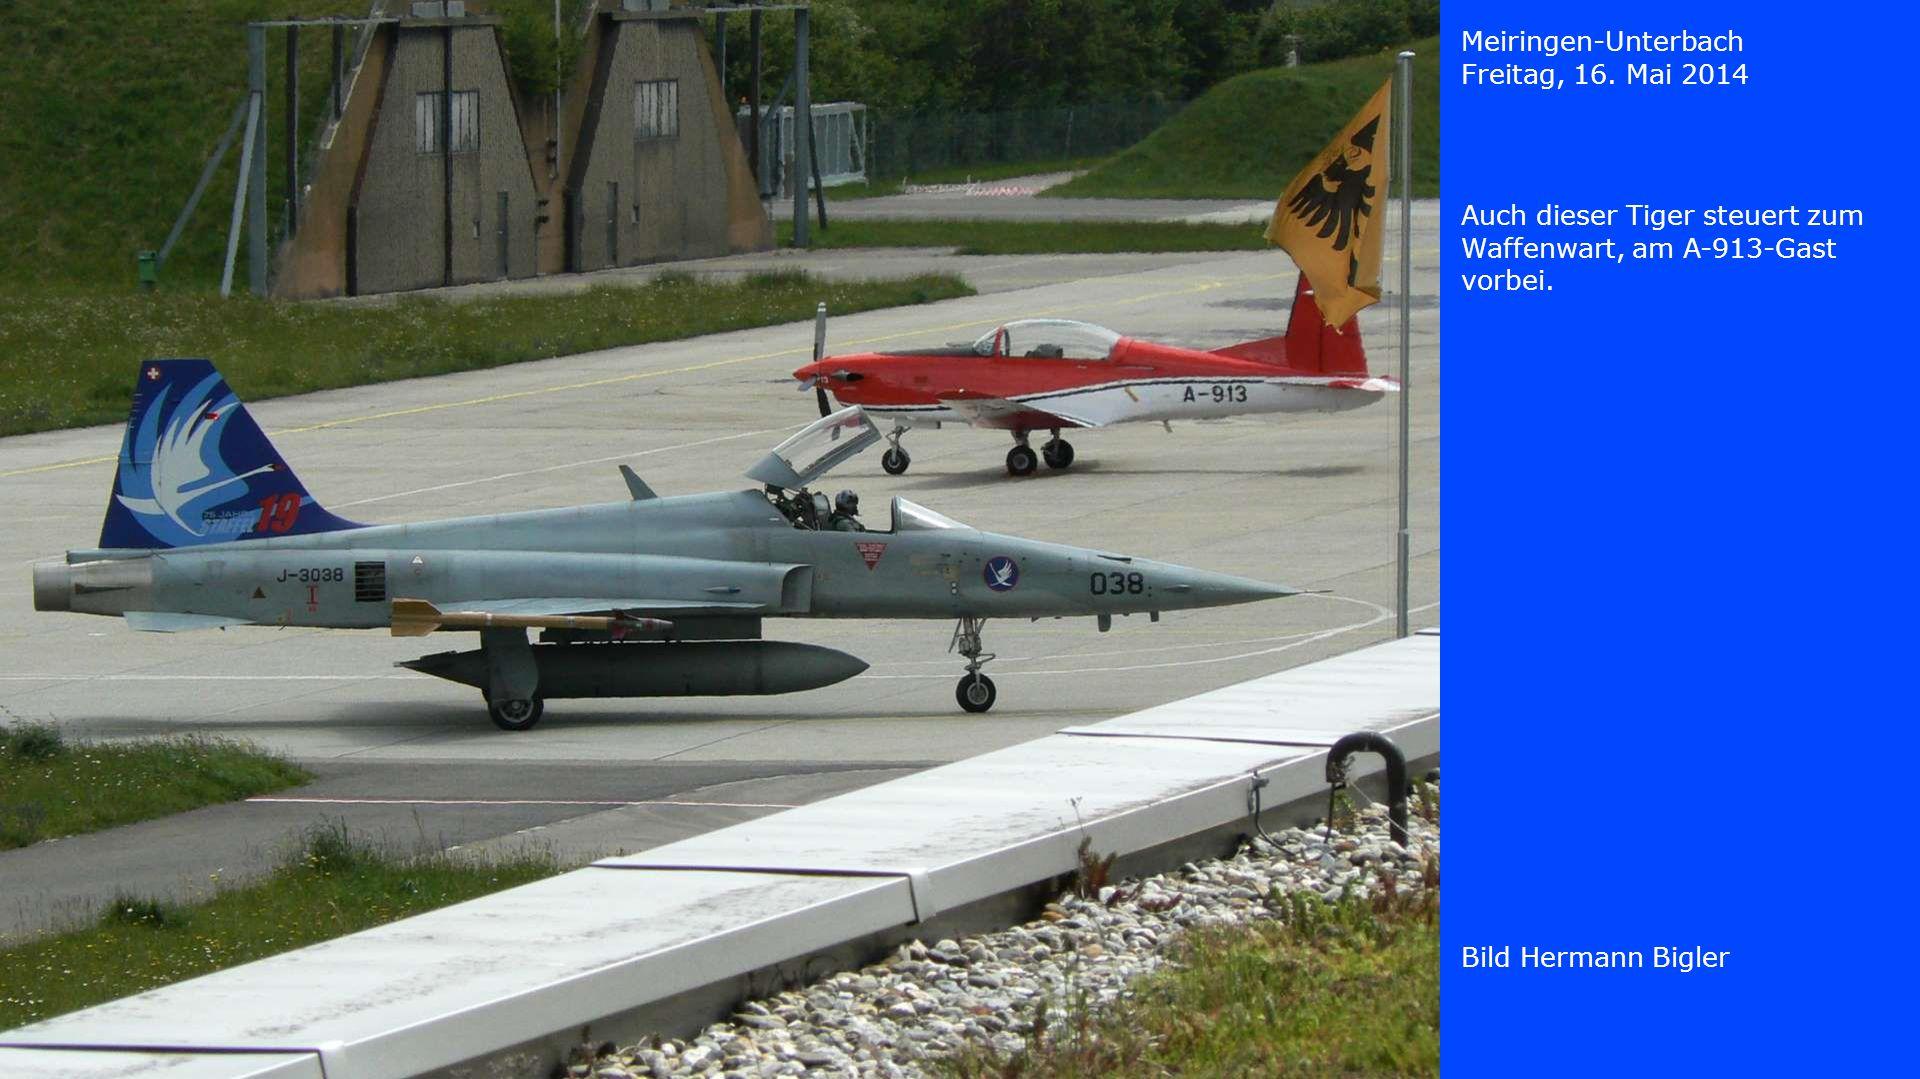 Meiringen-Unterbach Freitag, 16. Mai 2014. Auch dieser Tiger steuert zum Waffenwart, am A-913-Gast vorbei.